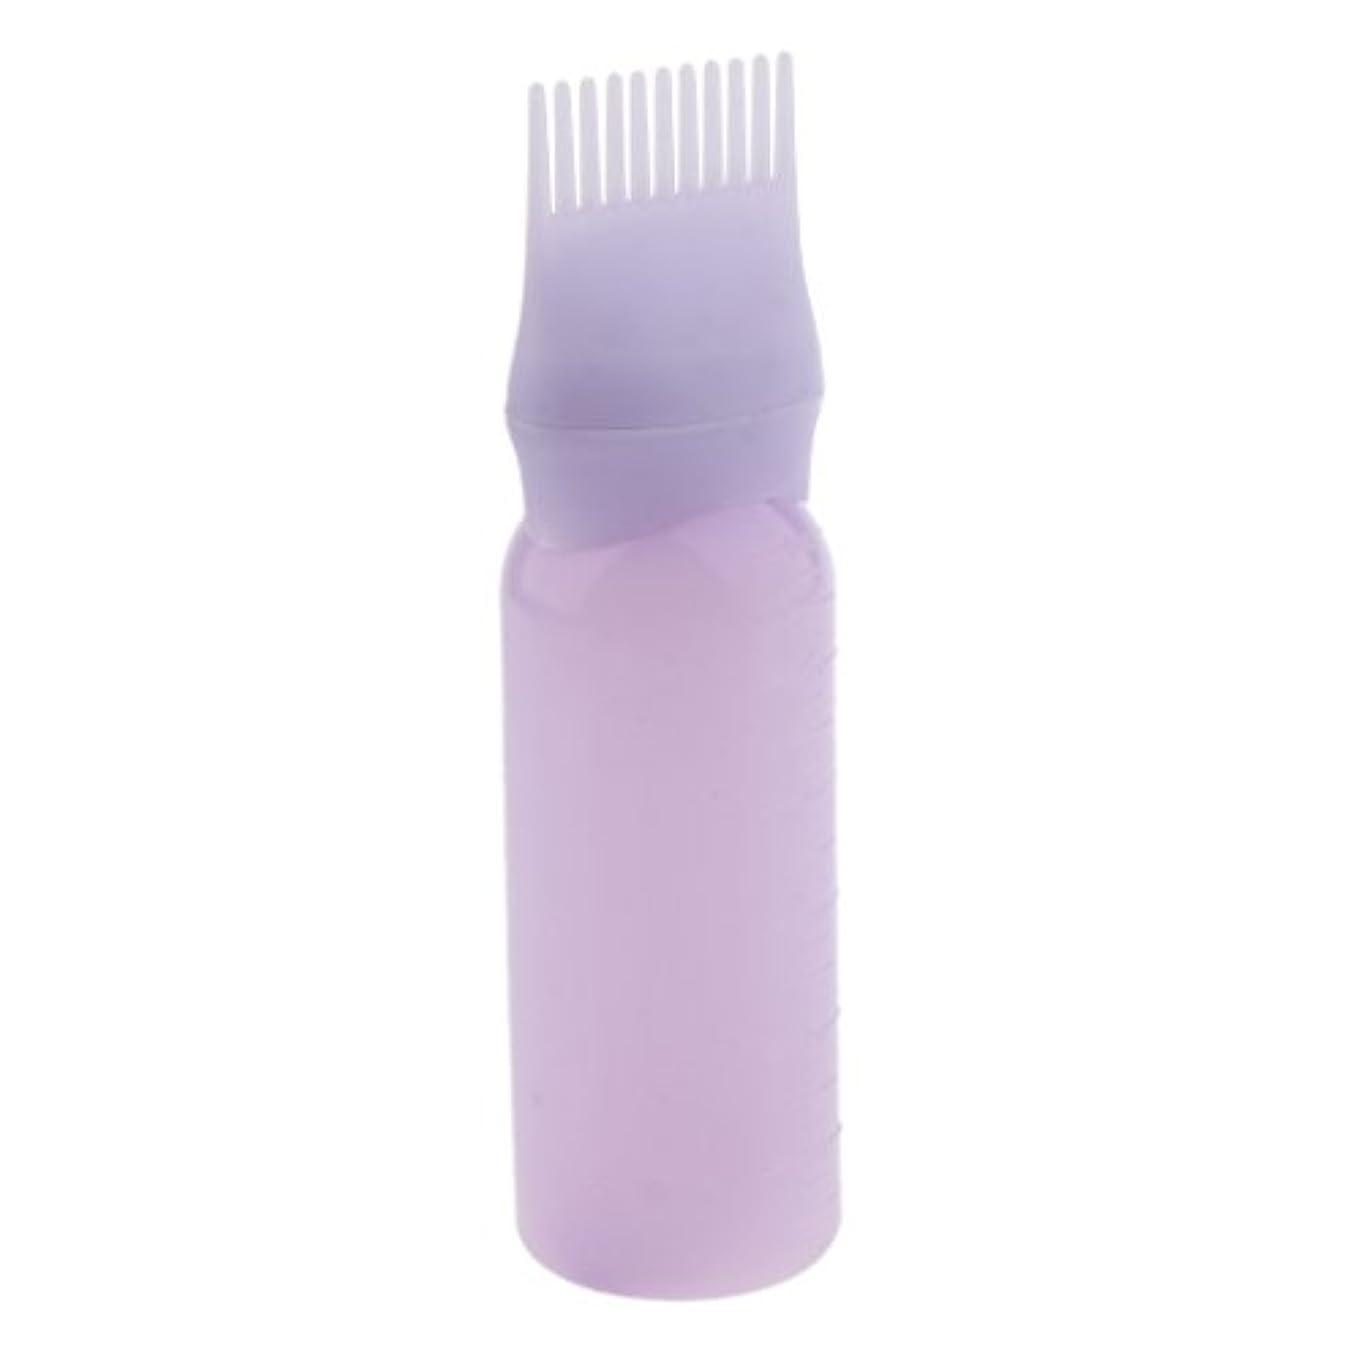 動的葬儀素子Baosity ルートコーム ヘアダイボトルアプリケーター サロン ヘアカラー ディスペンサーブラシ 染料ボトル 染色櫛 全2色 - 紫